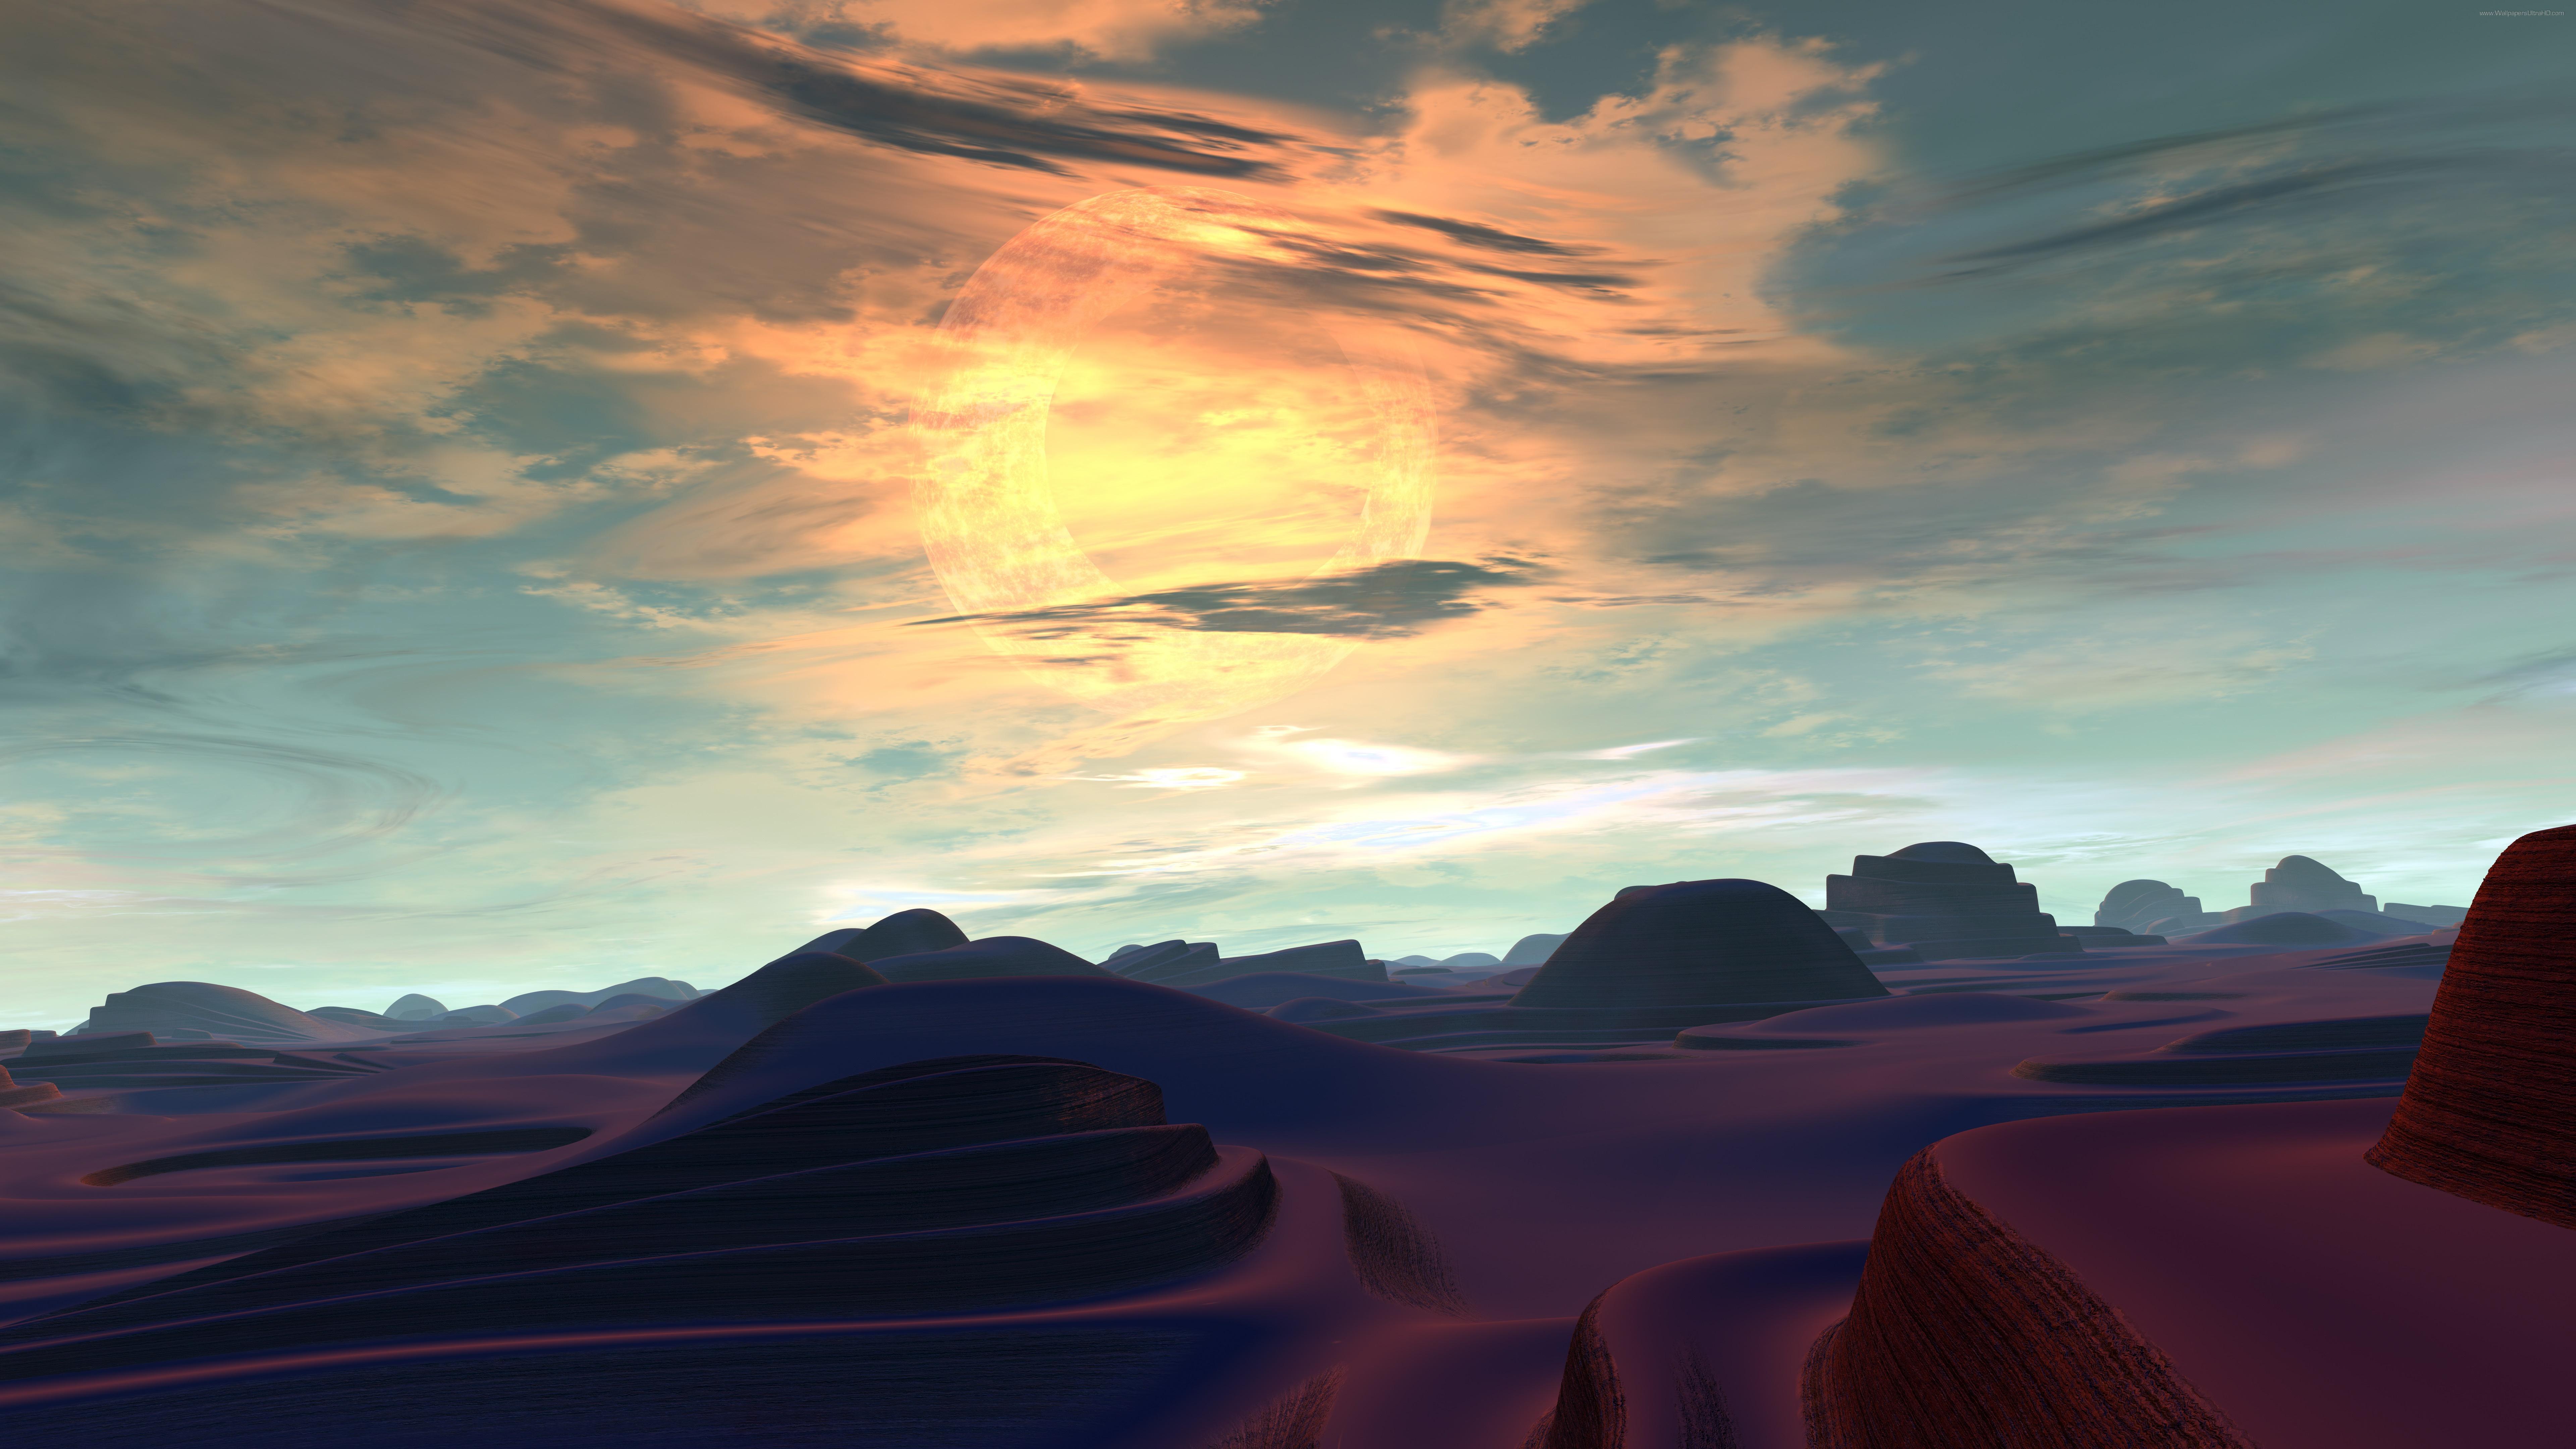 Alien planet landscape digital art 8K UltraHD wallpaper ...